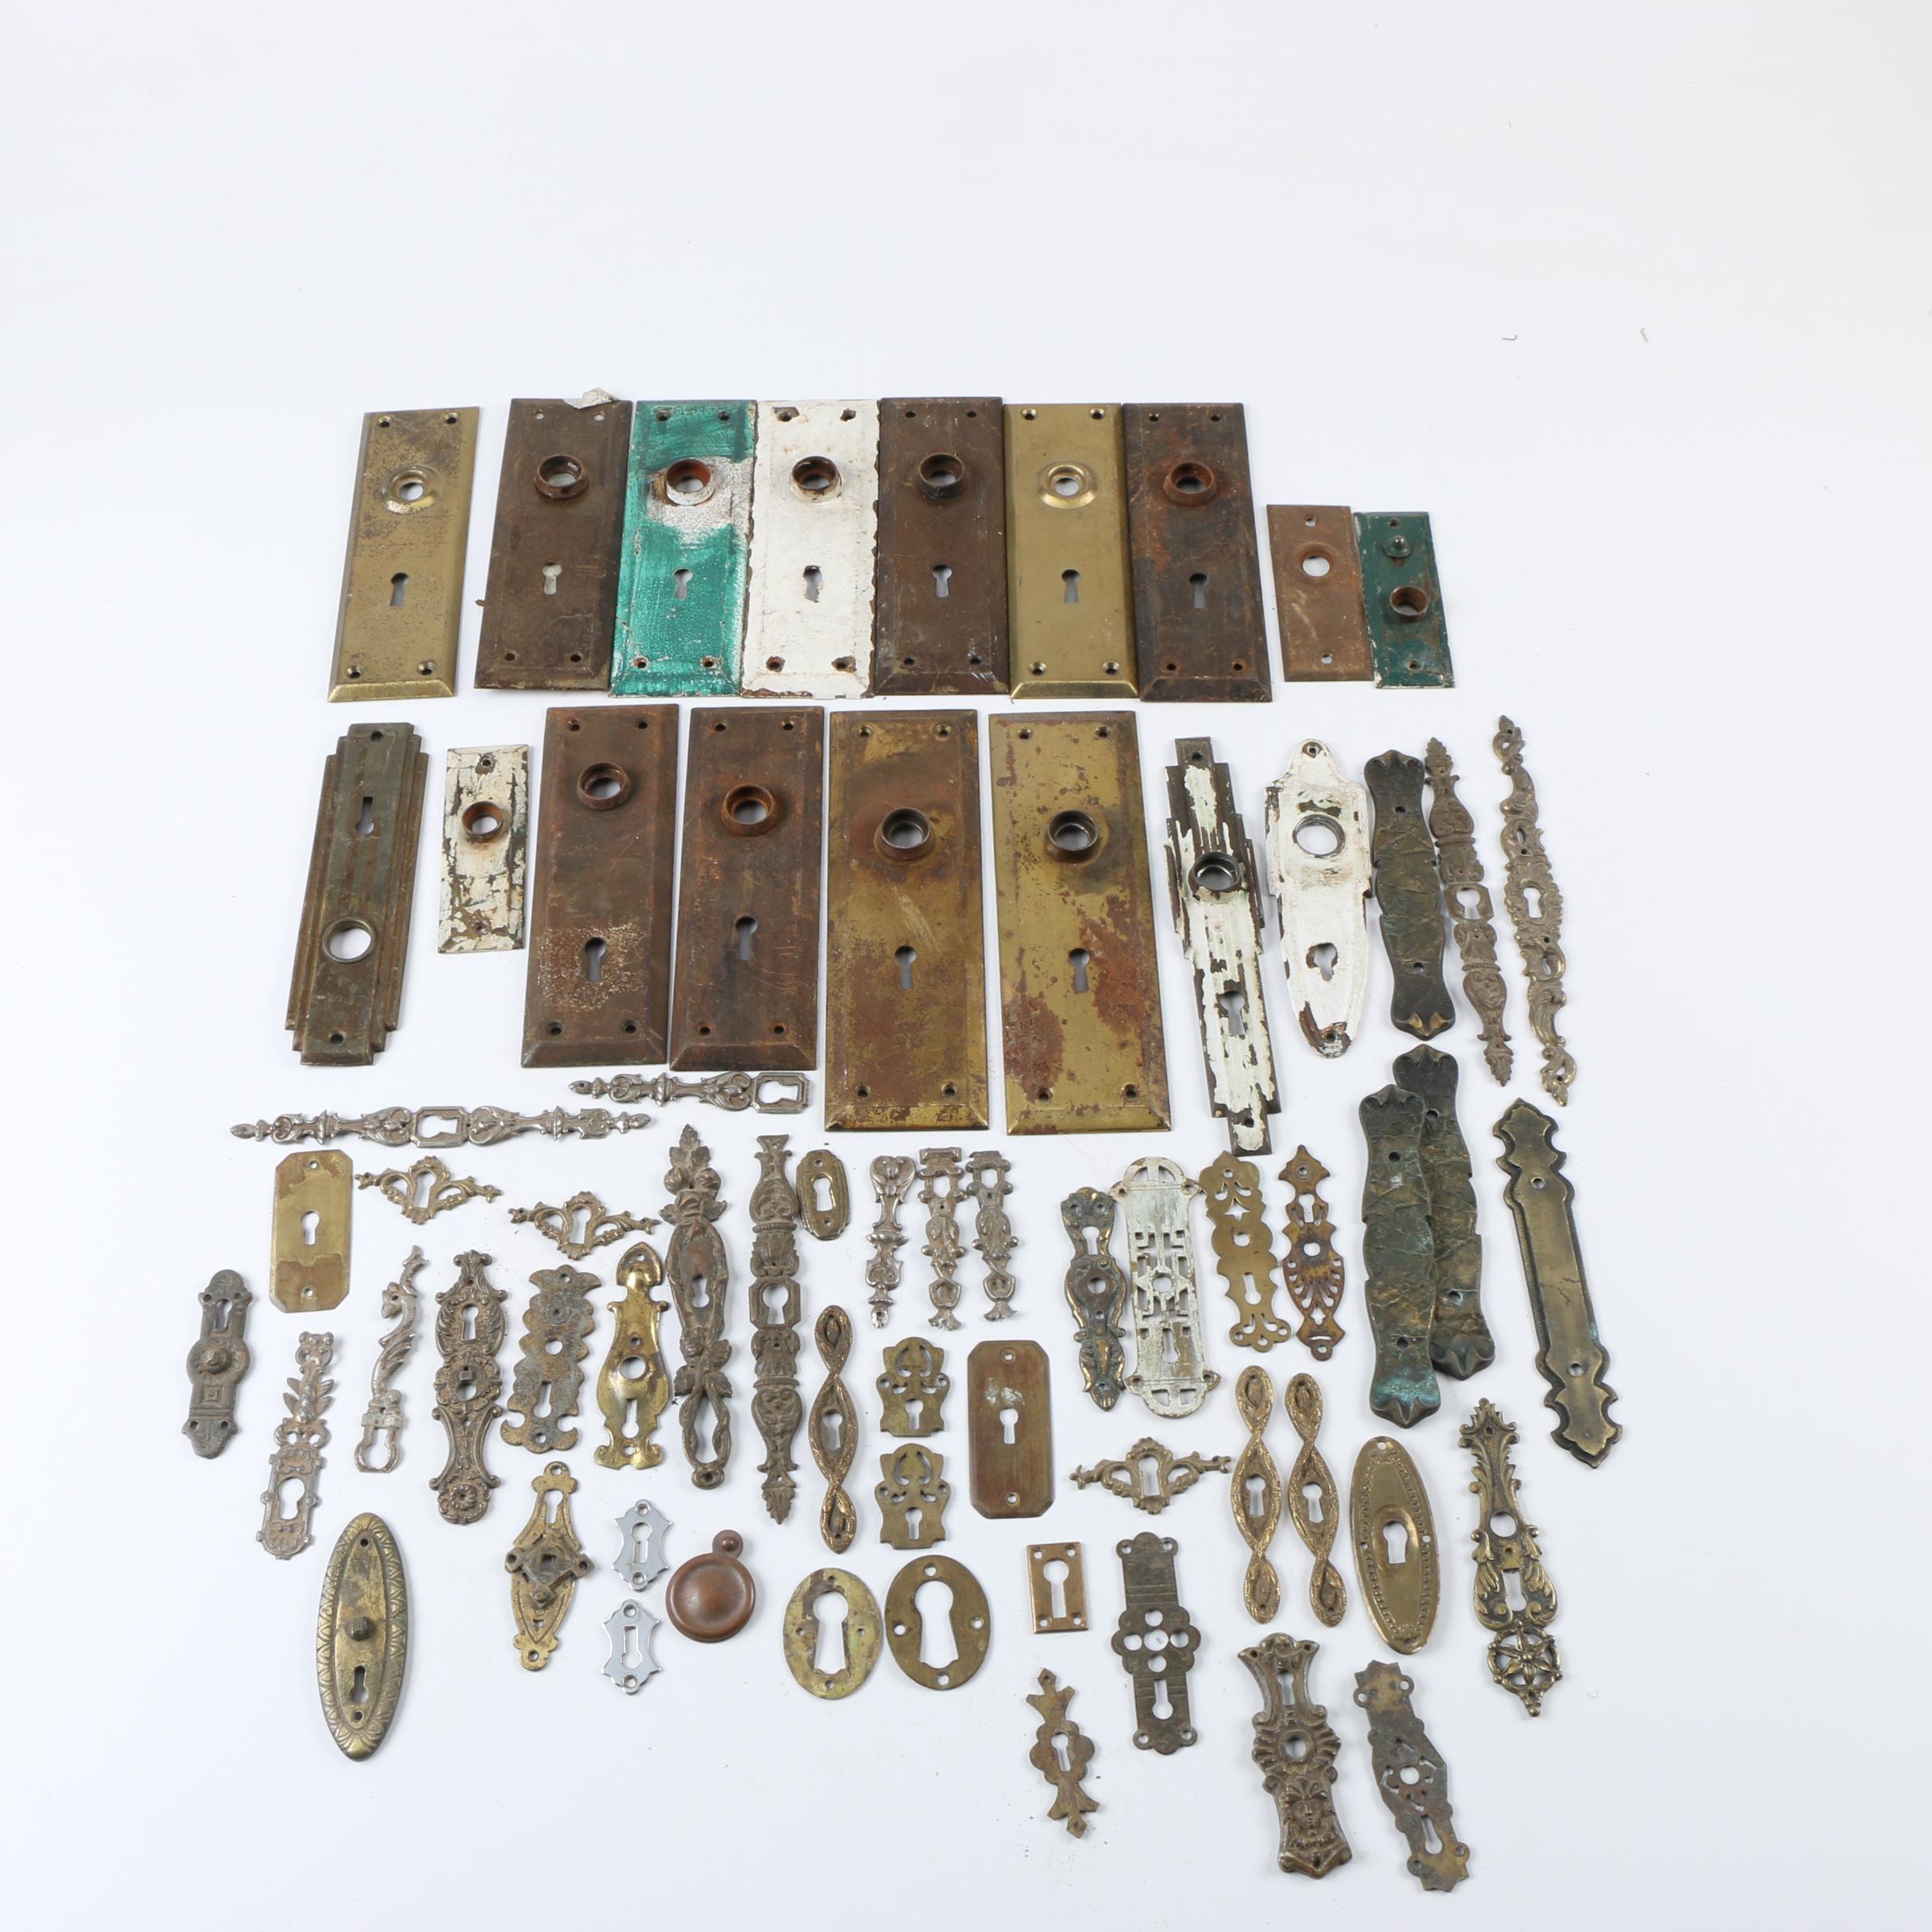 Assortment of Brass Door Hardware